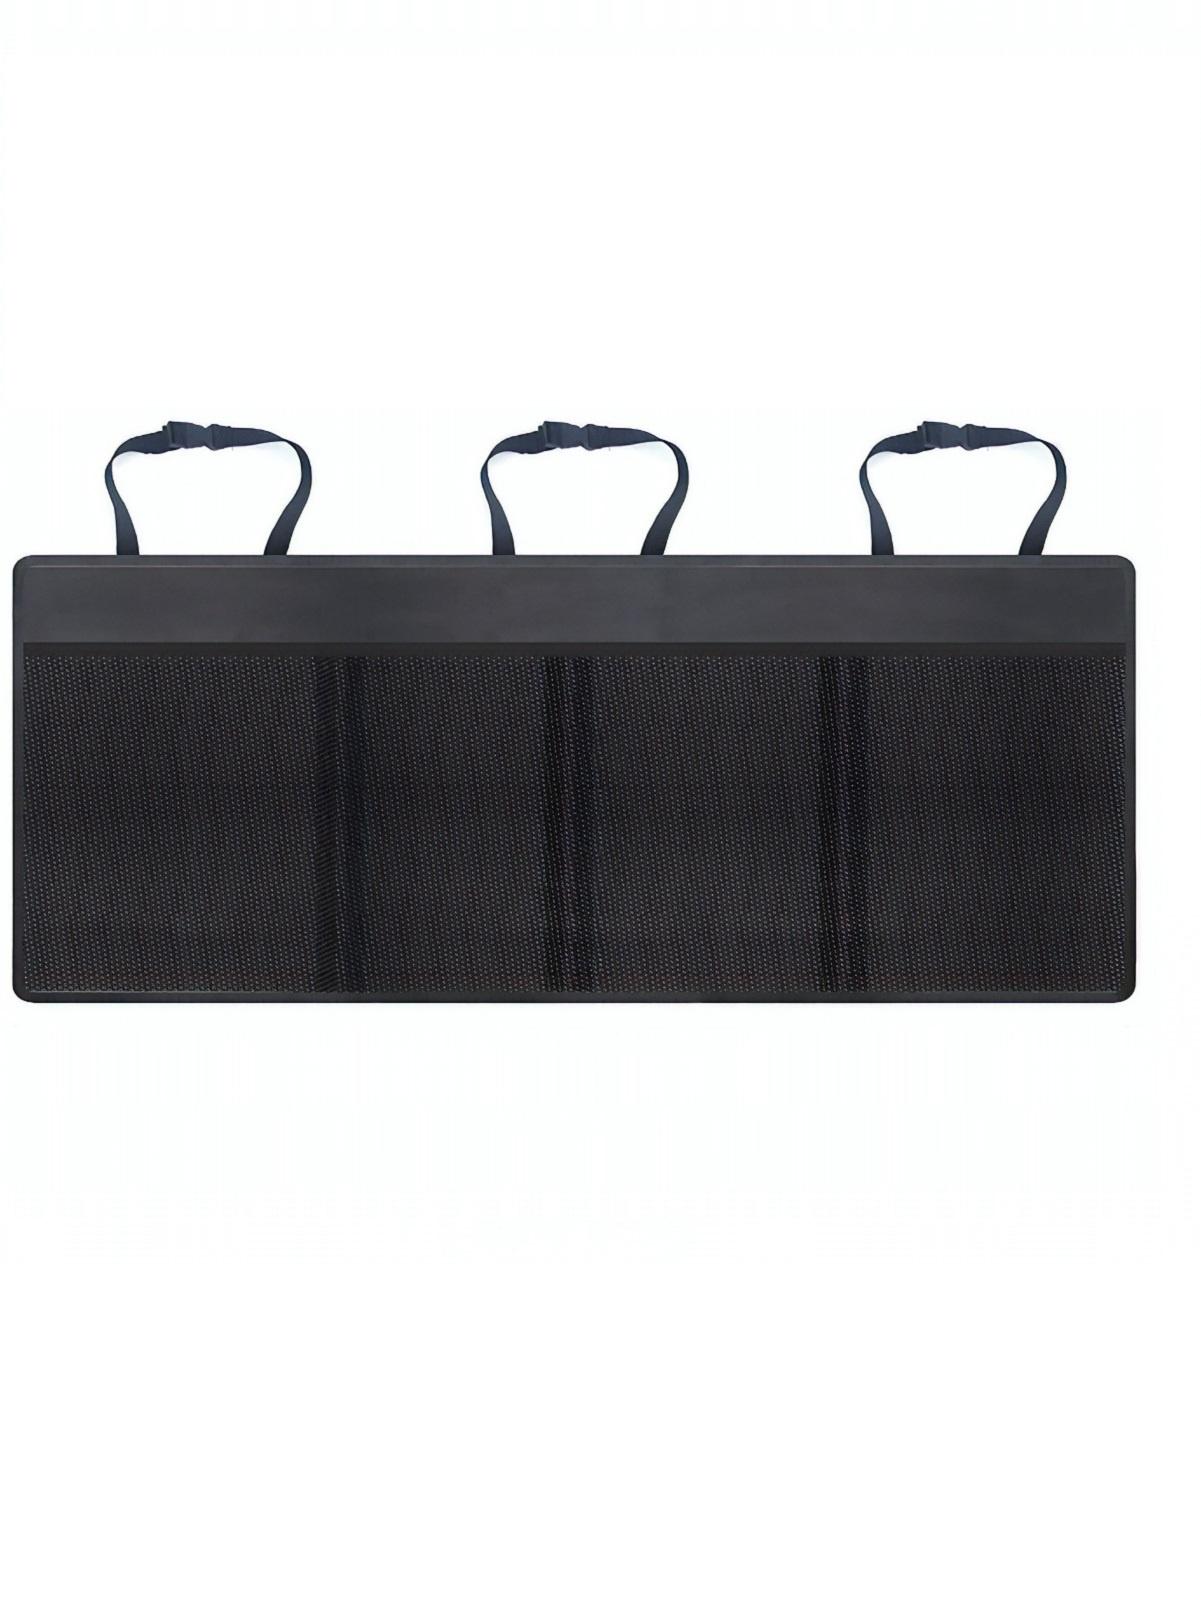 Навесной органайзер в багажник, 10073, черный органайзер автомобильный skyway в багажник цвет черный 60 х 30 х 30 см s06401005